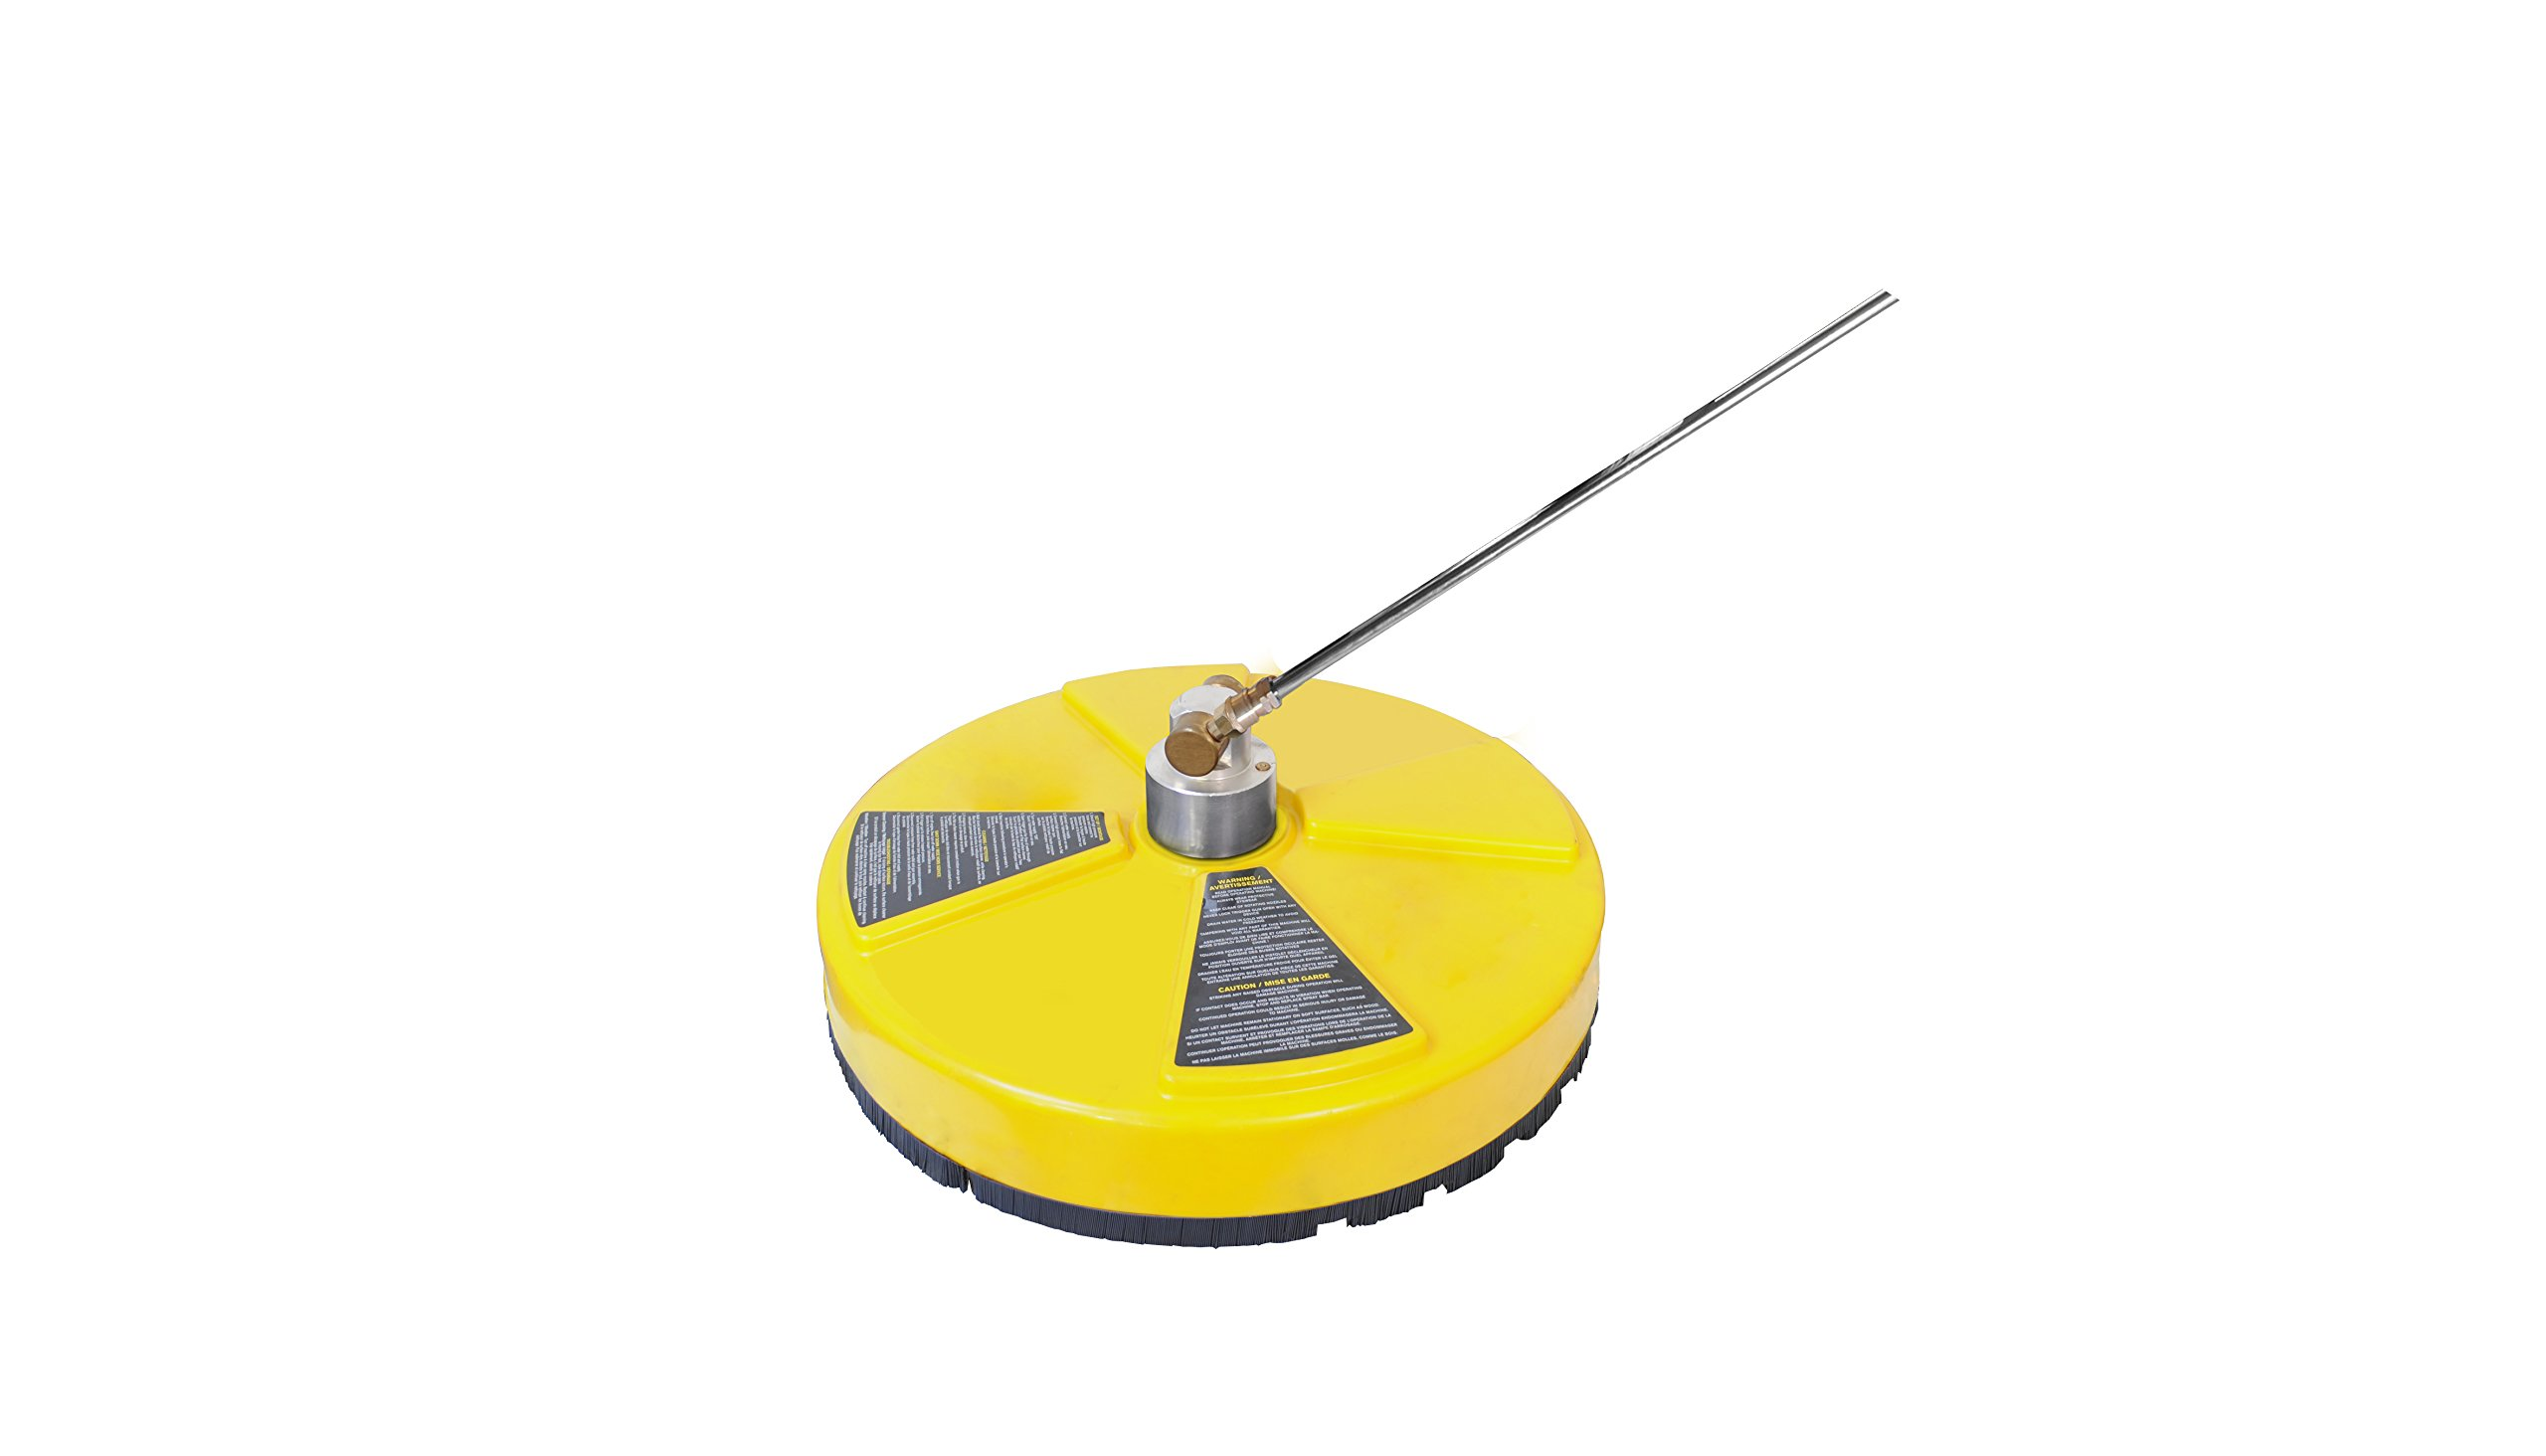 Valley-Industries-PK-1400WAW-Hochdruckreiniger-fr-Flache-Oberflchen-Gelb